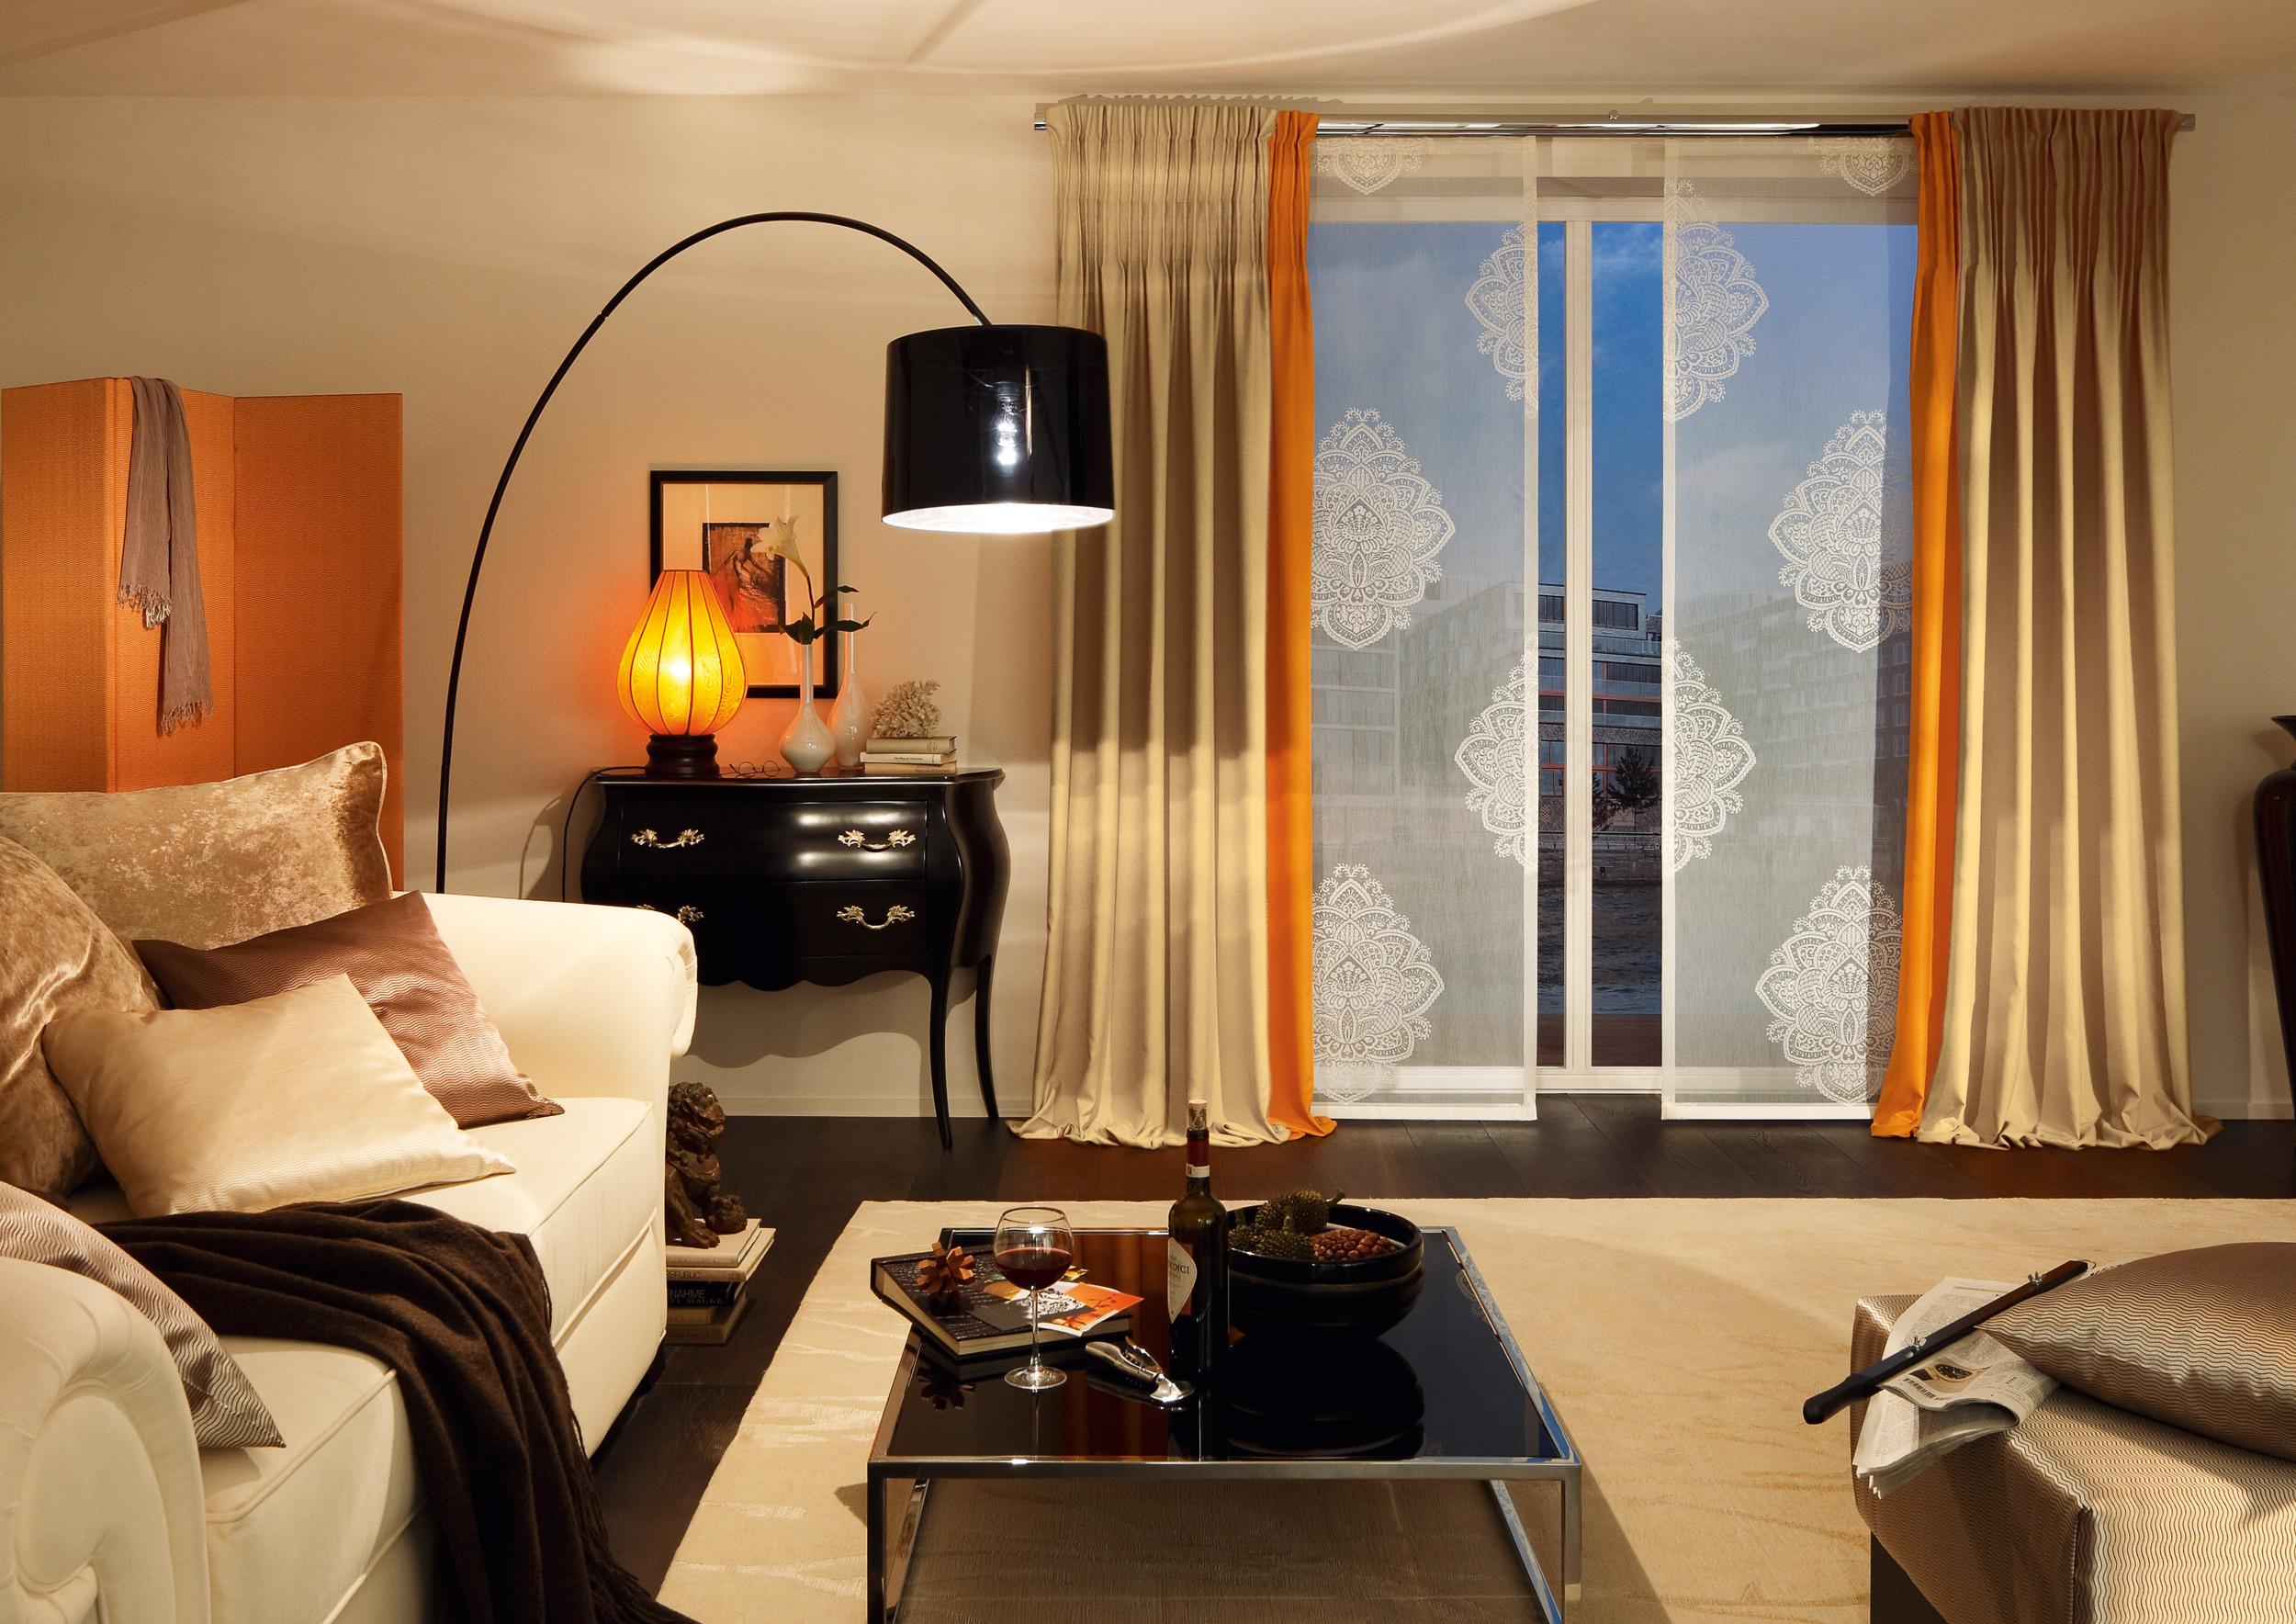 Fensterdeko f r den fr hling - Fensterdeko wohnzimmer ...